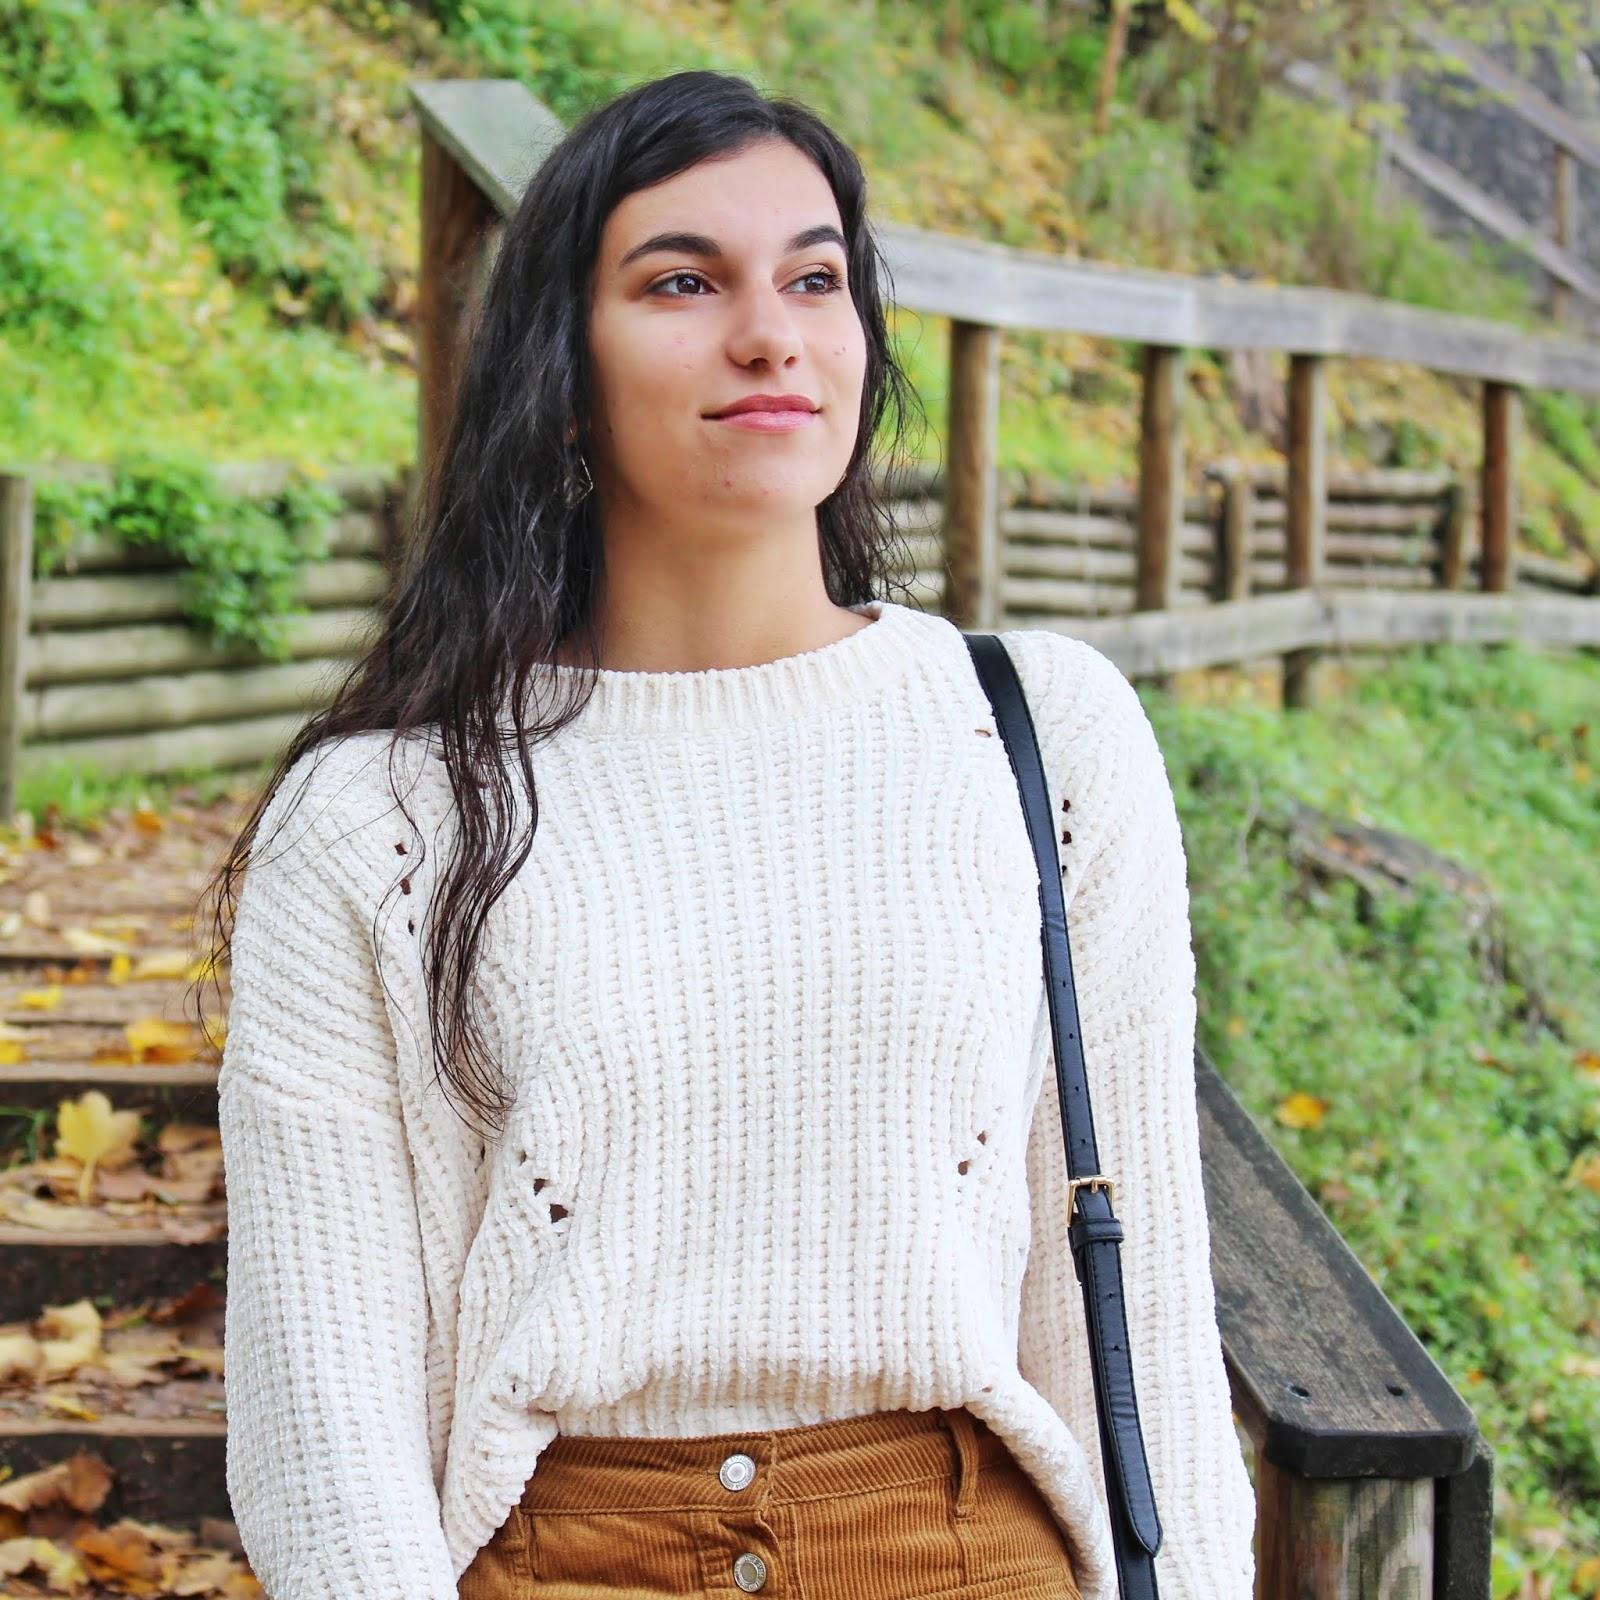 Sugestão de look usando uma saia de bombazina, uma das grandes tendências des Outono e Inverno 2018 2019